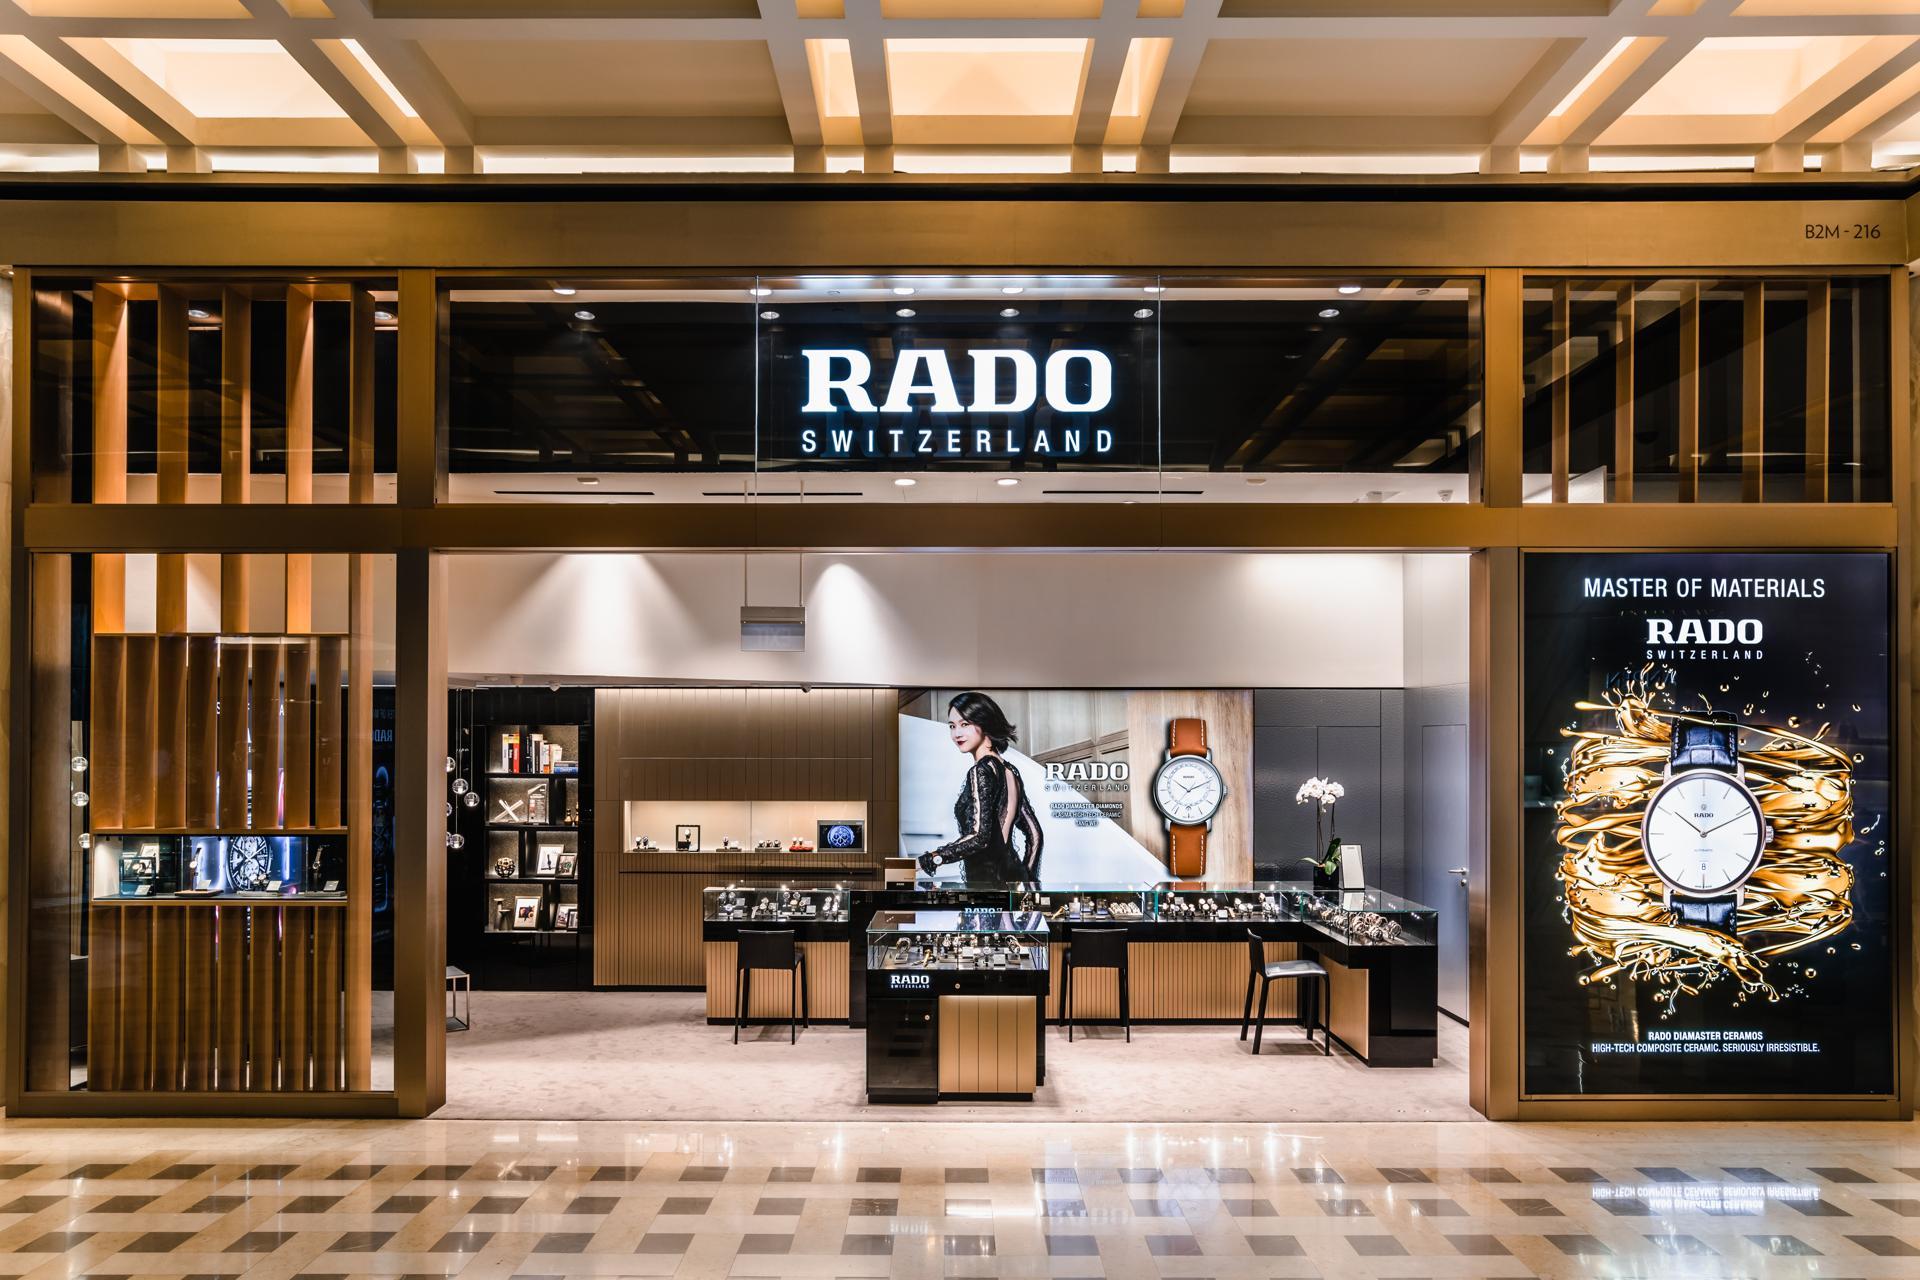 20181211_RadoMBS0001